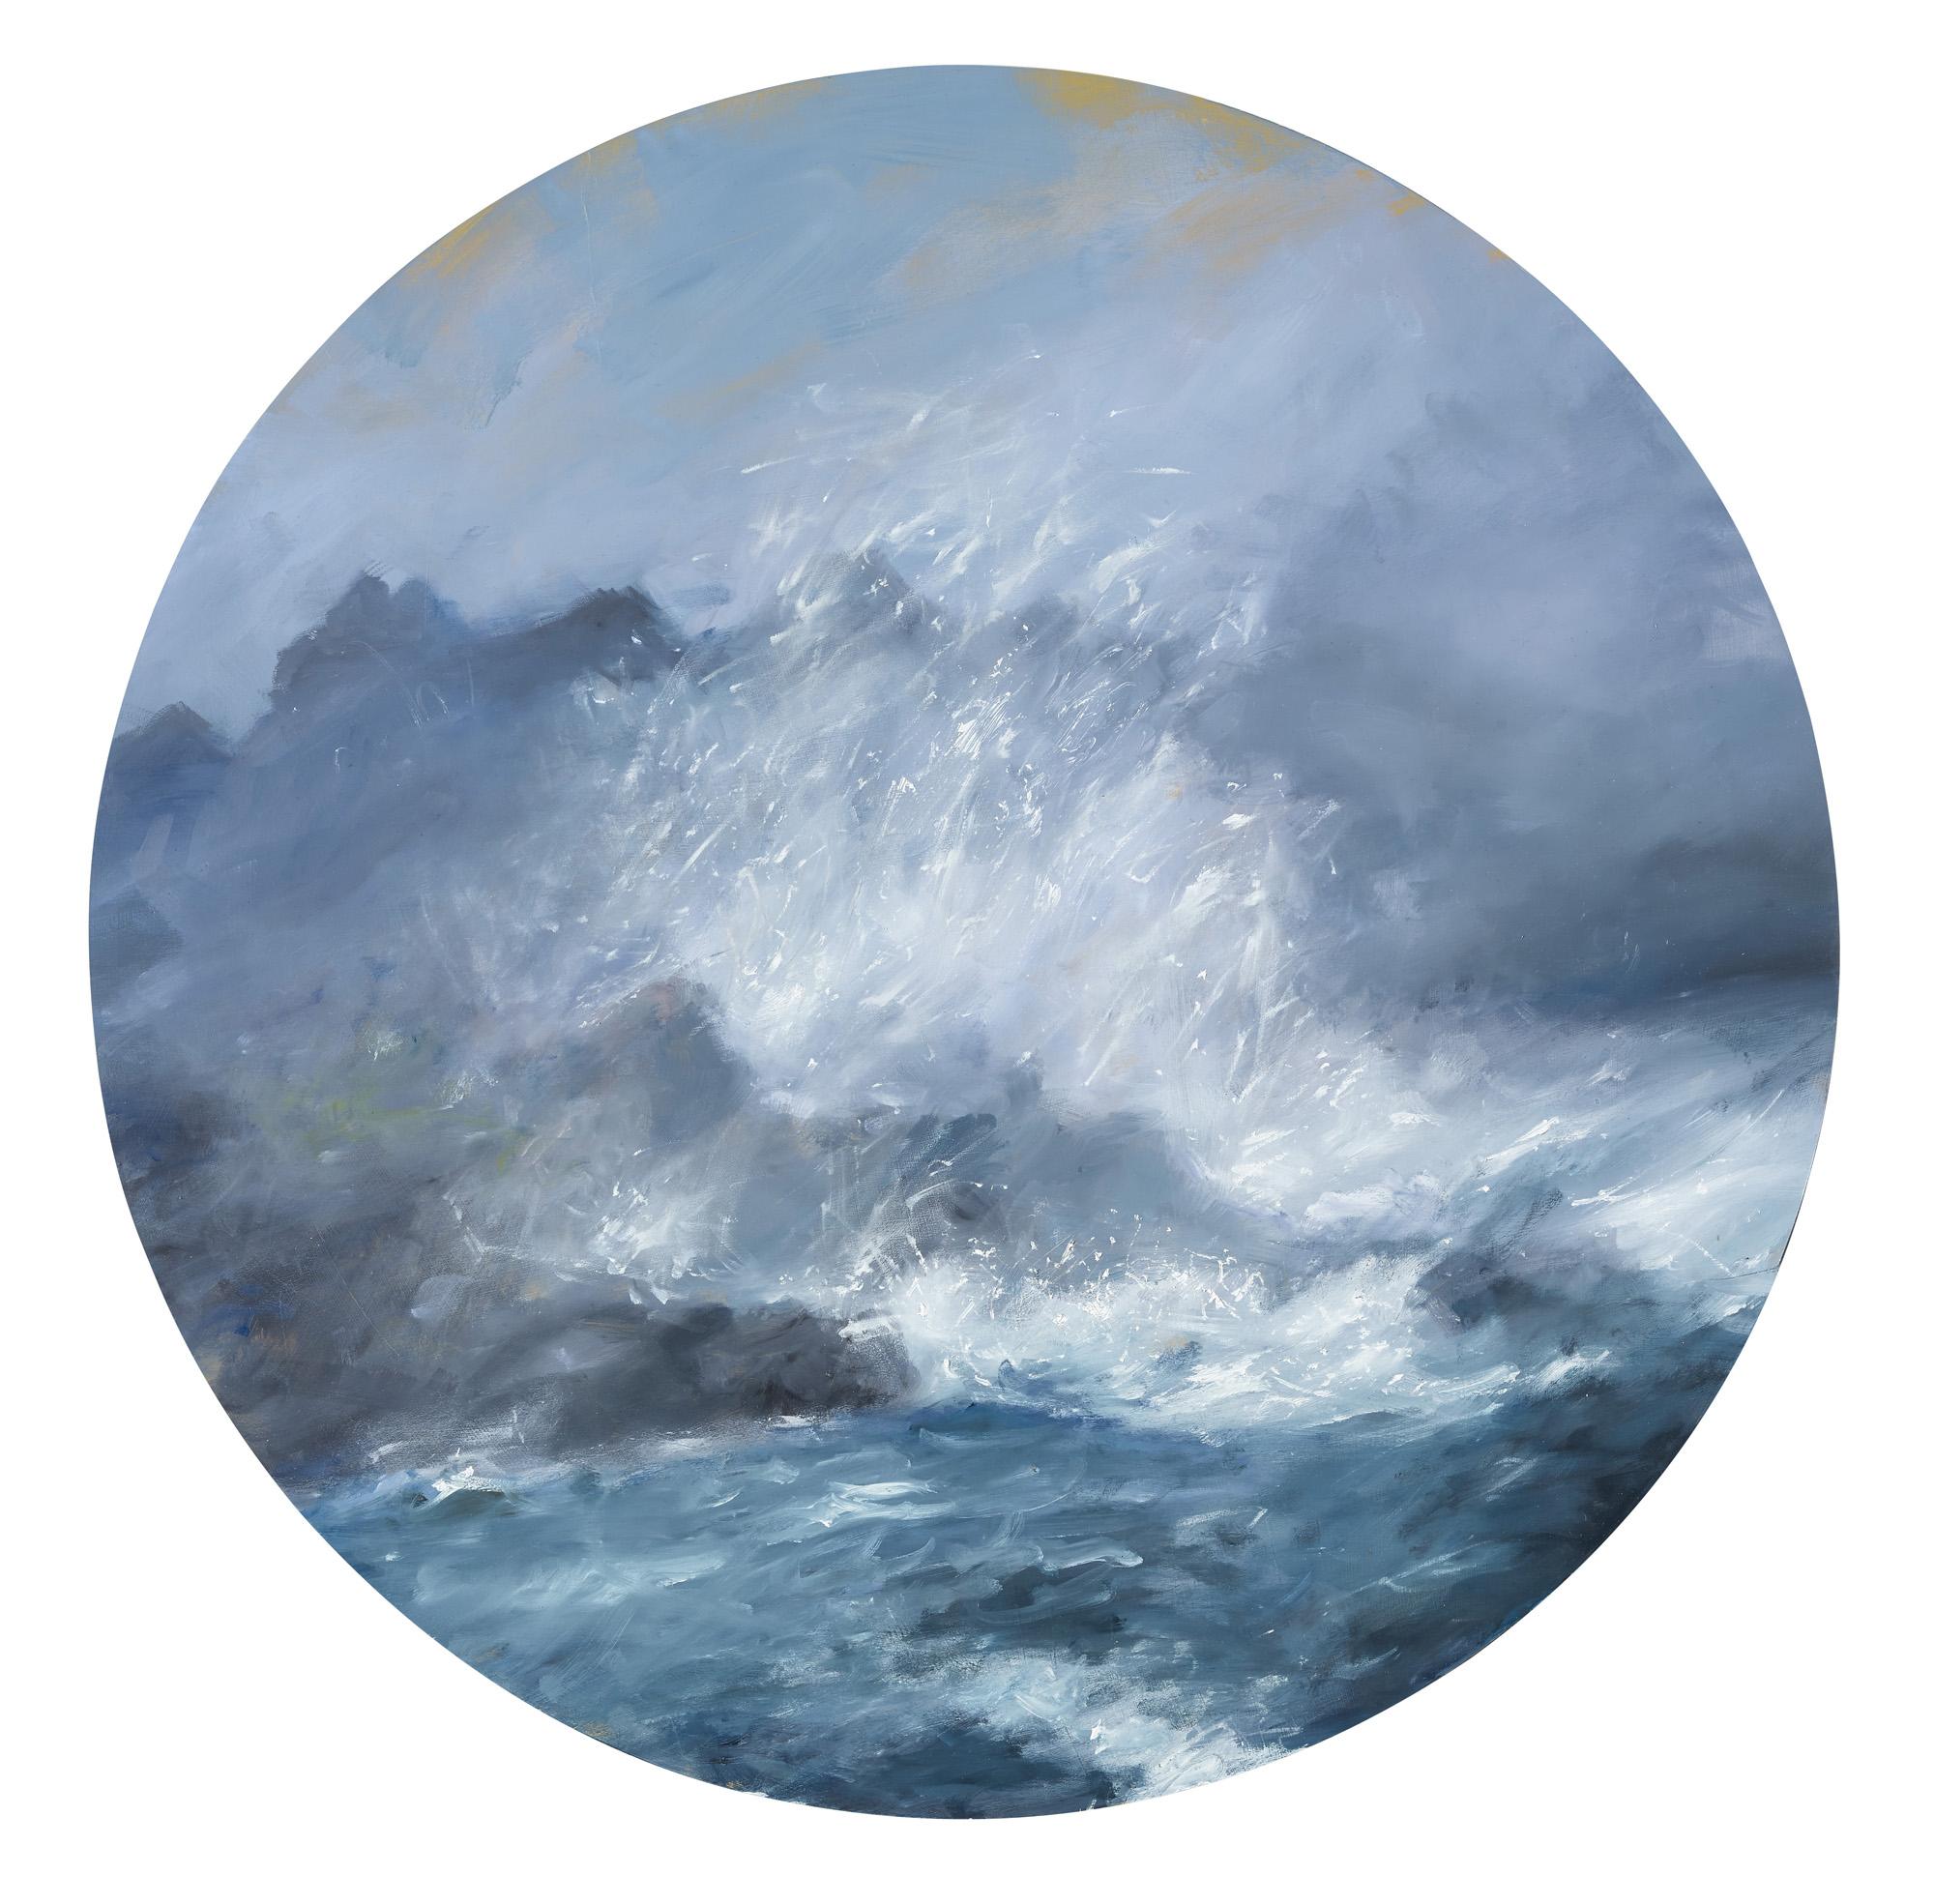 Tumultous Seas, #11, 2013 oil on panel 24 in.